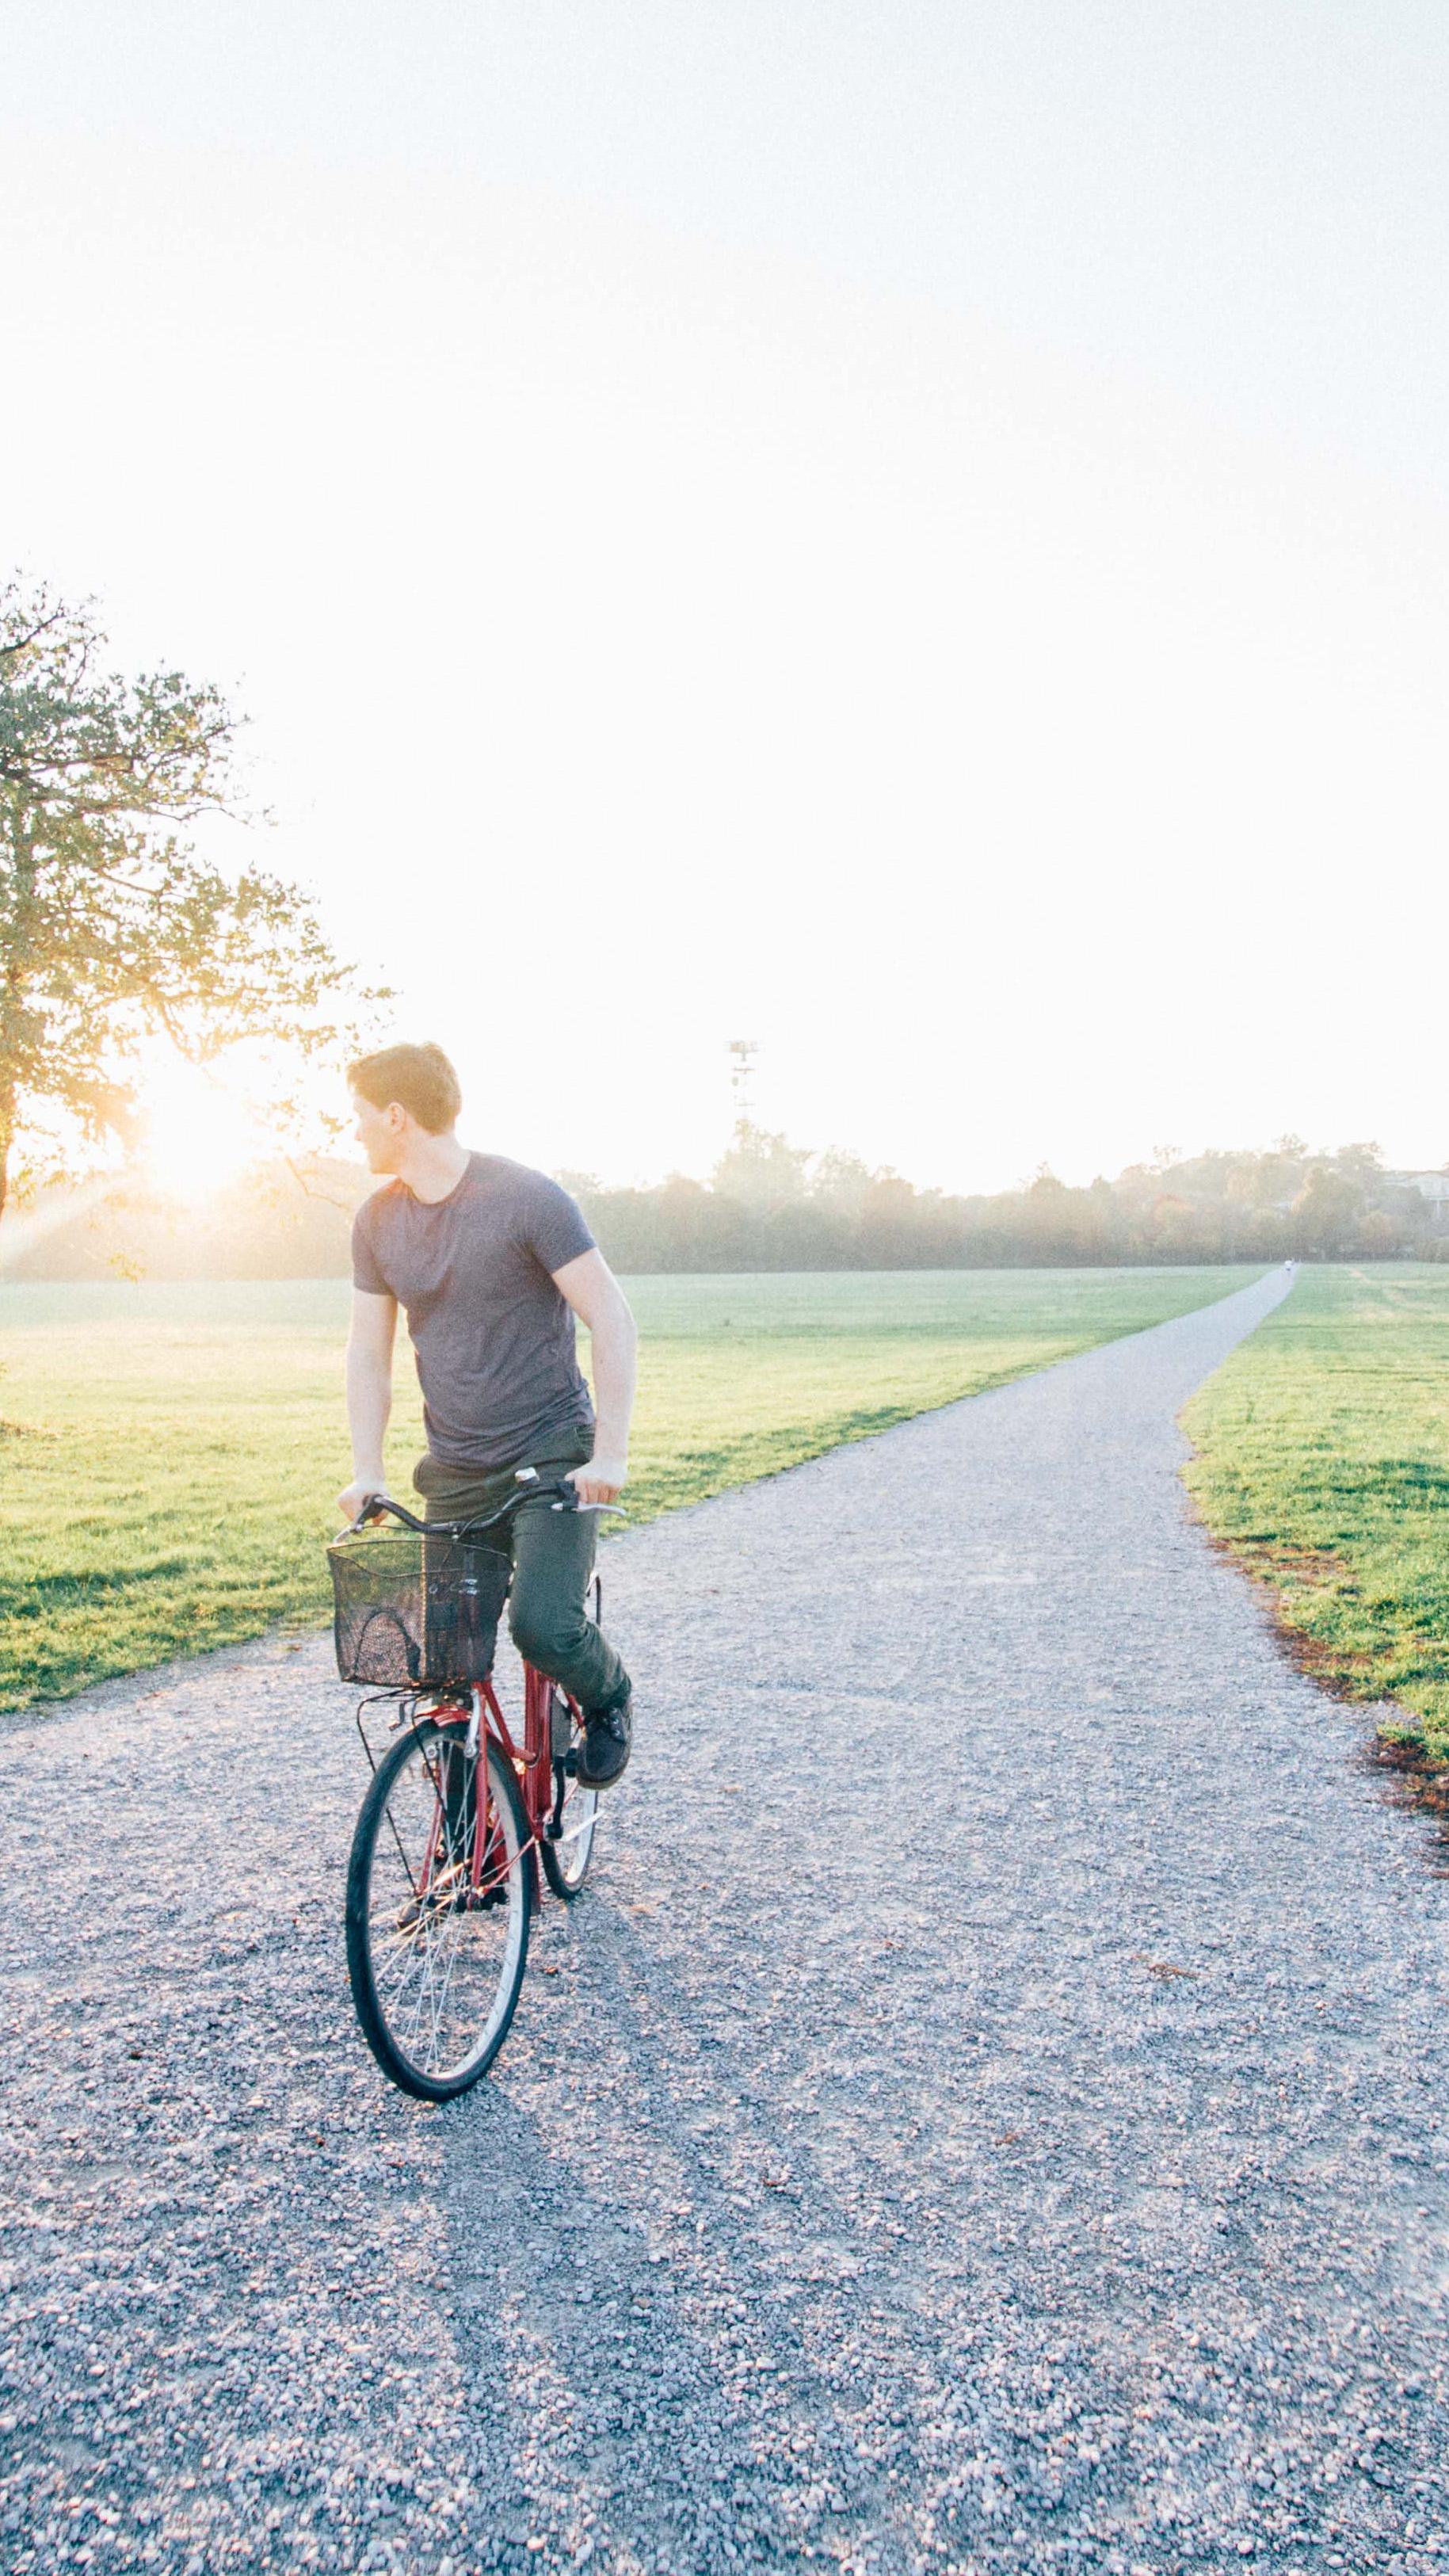 adventure-bicycle-bike-301929.jpg